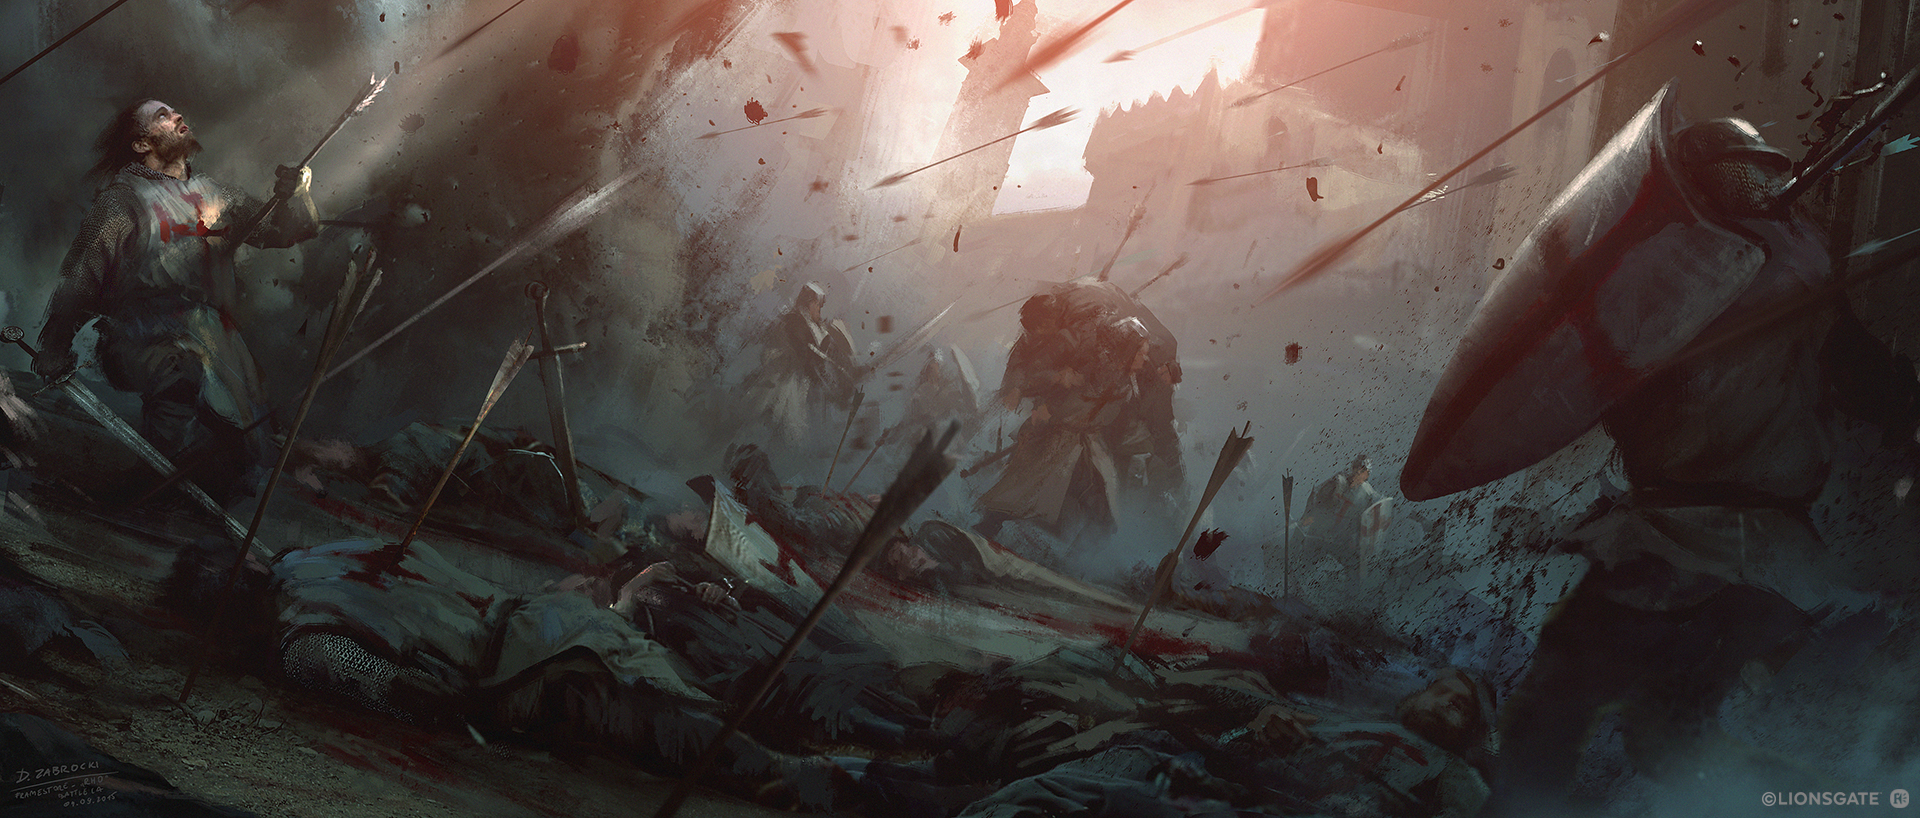 rho_CrusadesStreets_v002_FINAL-HI-RES_DarekZabrocki.jpg